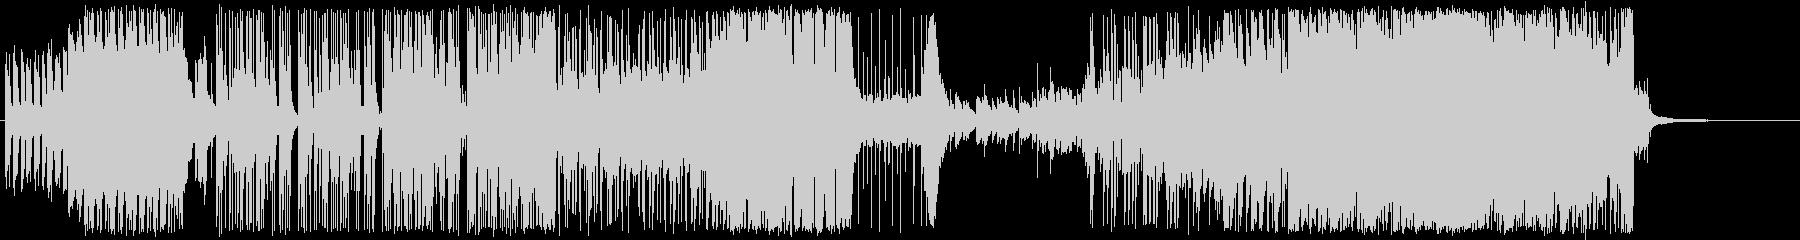 ピアノメインの疾走感あるBGMの未再生の波形